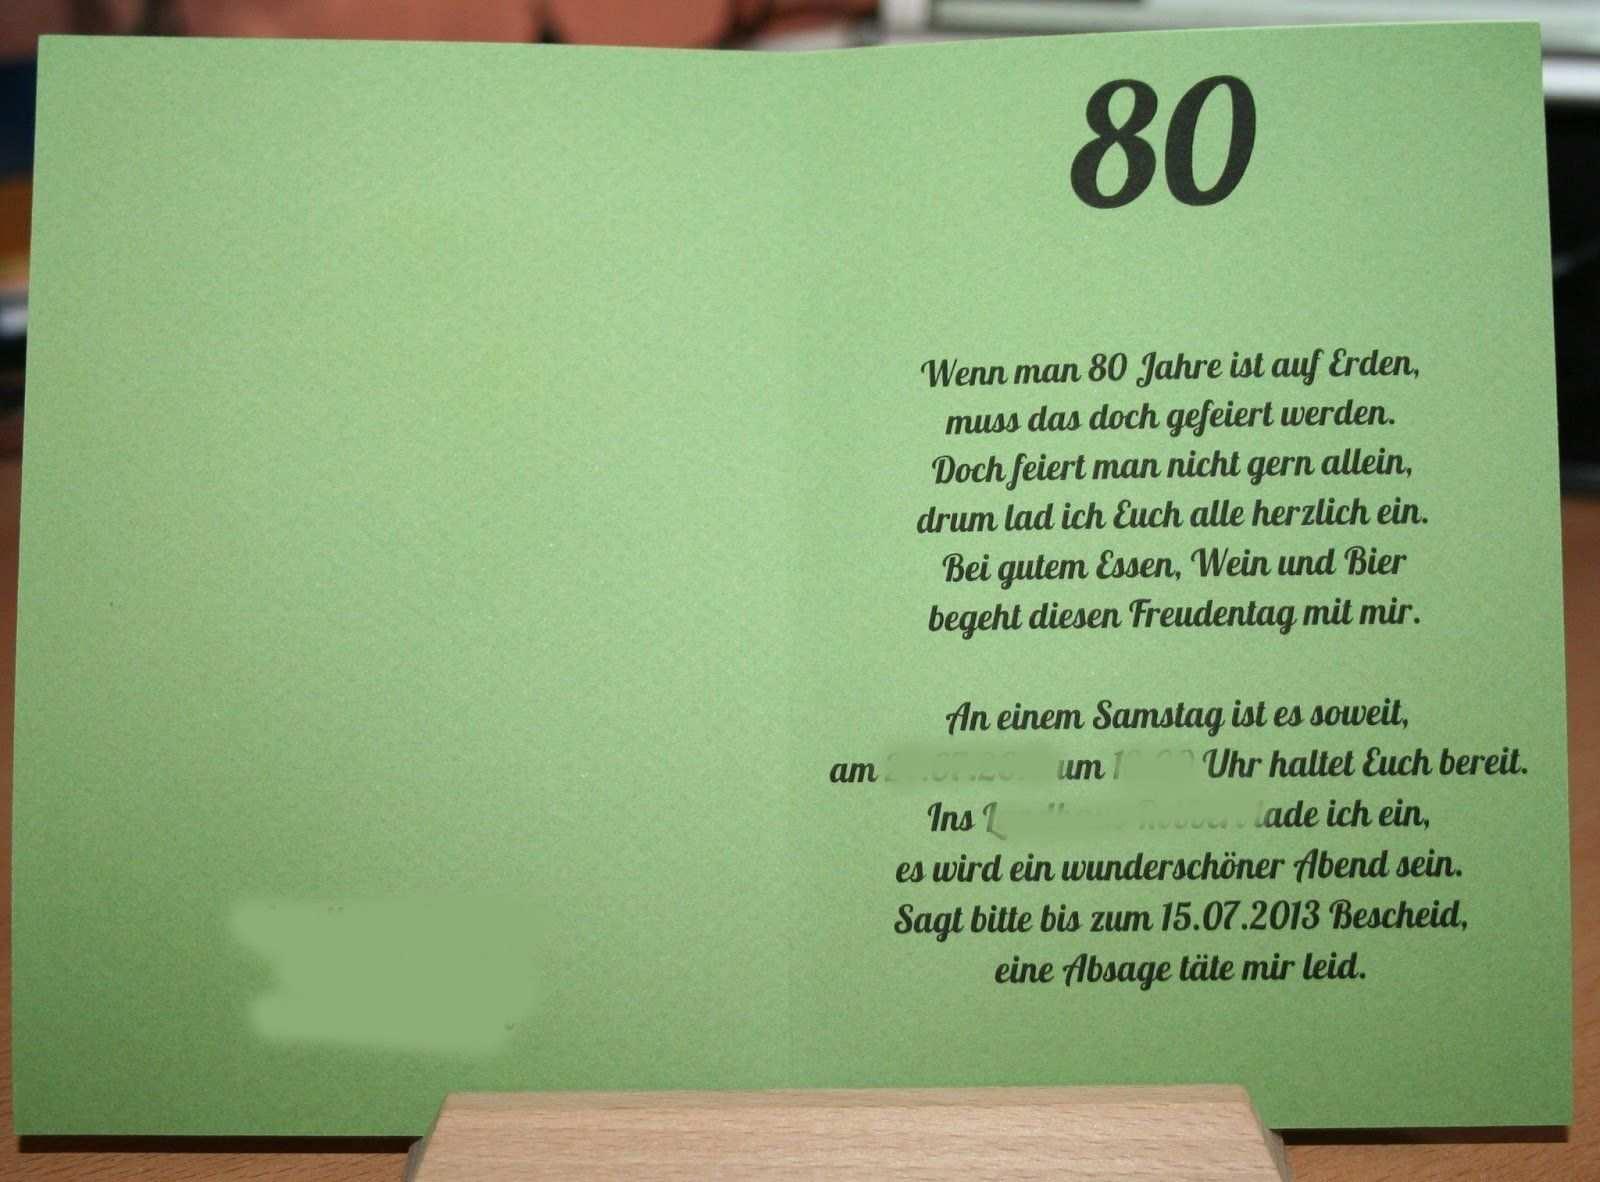 Einladung Zum 80 Geburtstag Texte 80 Geburtstag Text Fur Einladung Einladung Geburtstag Text Einladung Geburtstag Text Einladung 80 Geburtstag 80 Geburtstag